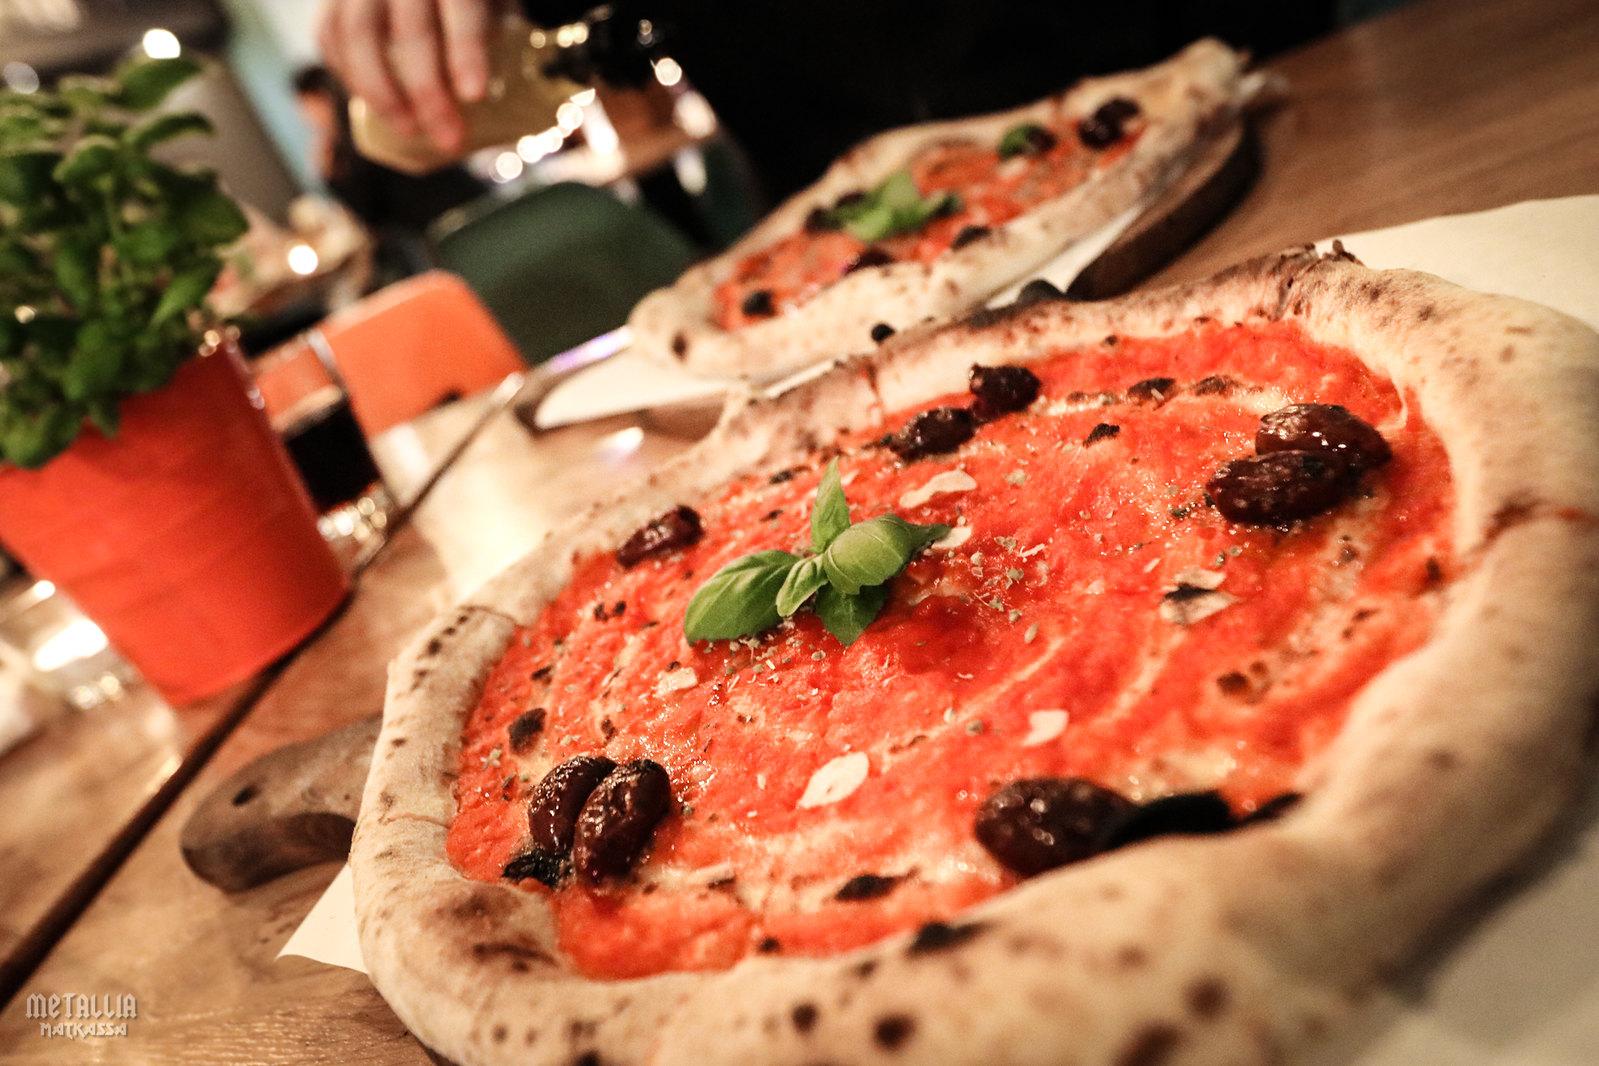 vegaaninen ravintola gdansk, gdanskin ravintolat, ravintolasuosituksia gdanskiin, kasvissyöjänä puolassa, lemmikkiystävällinen ravintola, viva la pizza gdynia, pizza gdynia